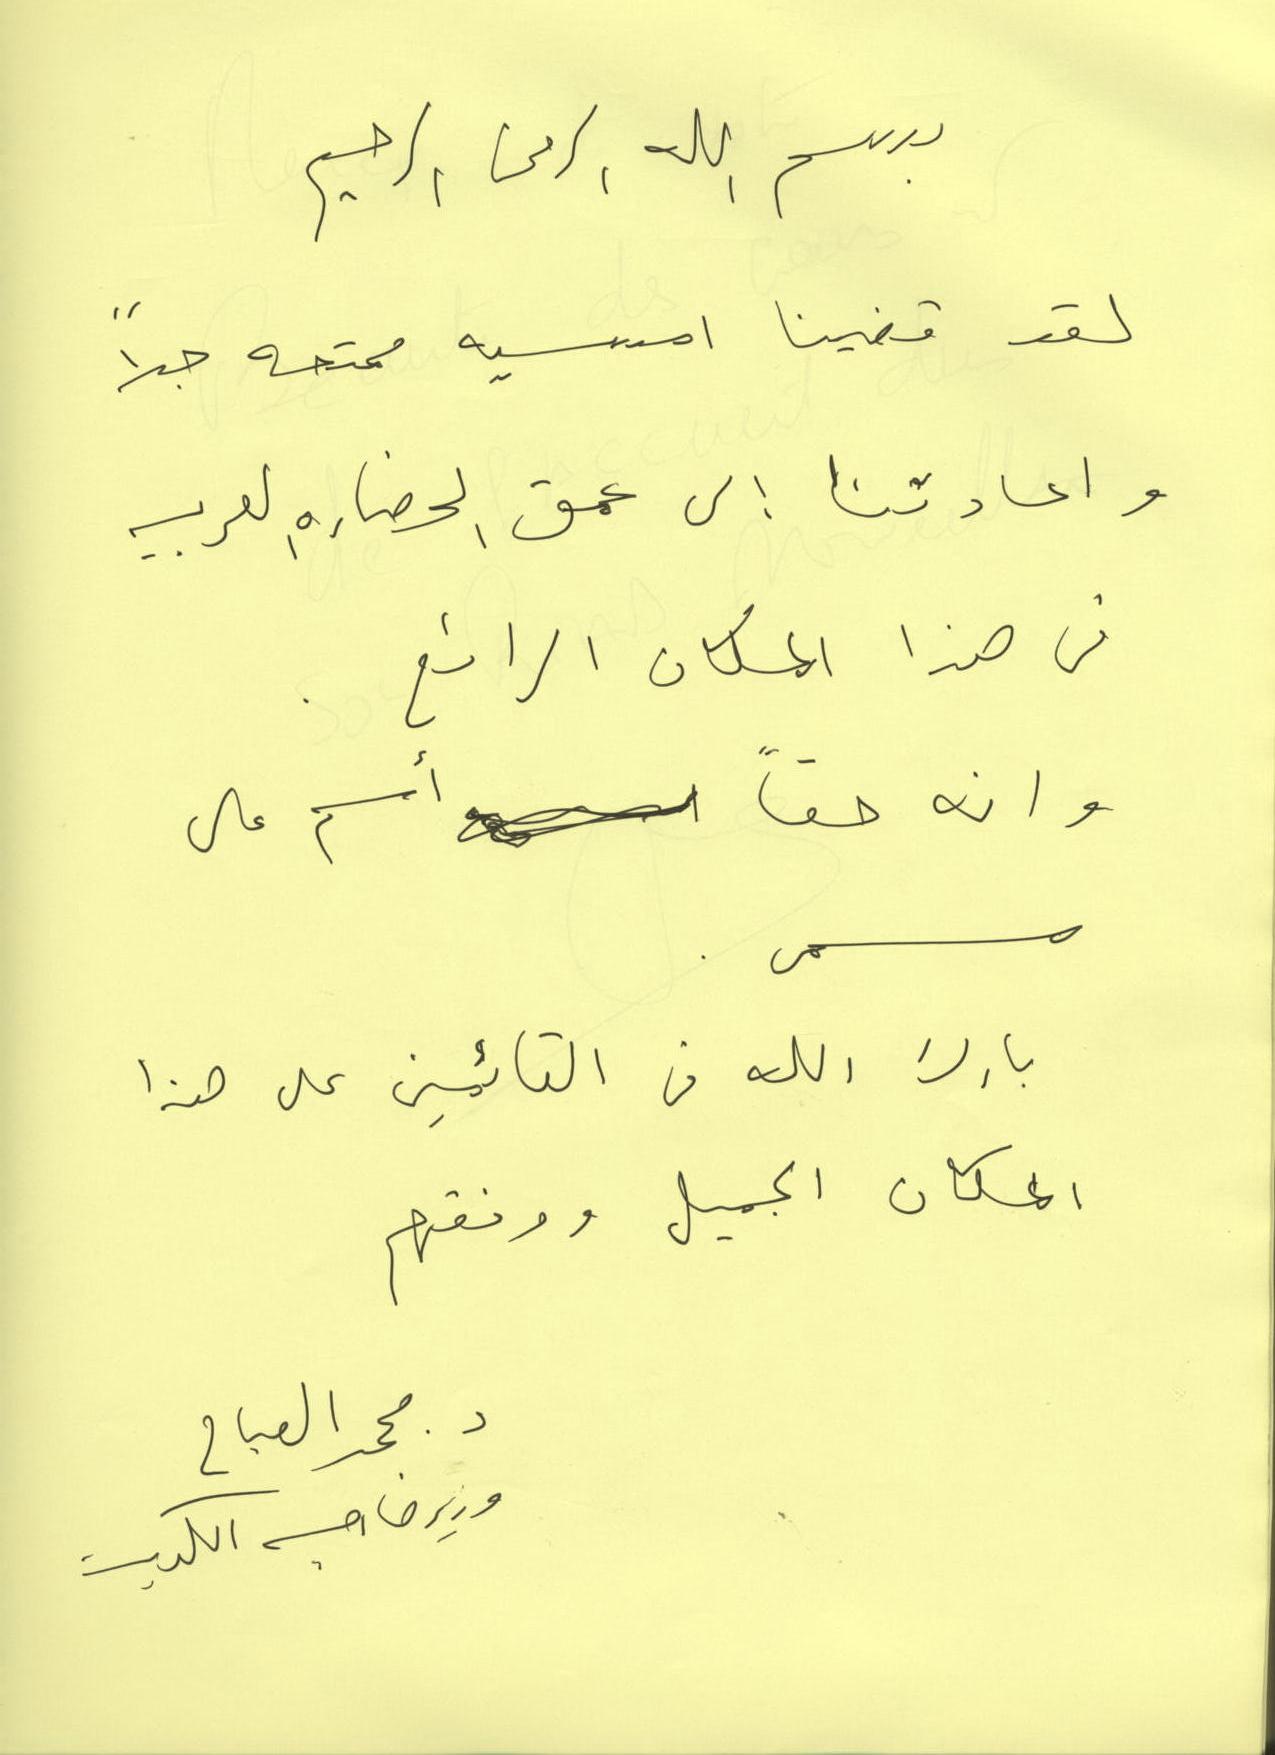 http://www.sheheraz.com/wp-content/uploads/2013/09/Mohamed-Sbbah-Ministre-dint%C3%A9rieur-du-liban.jpg